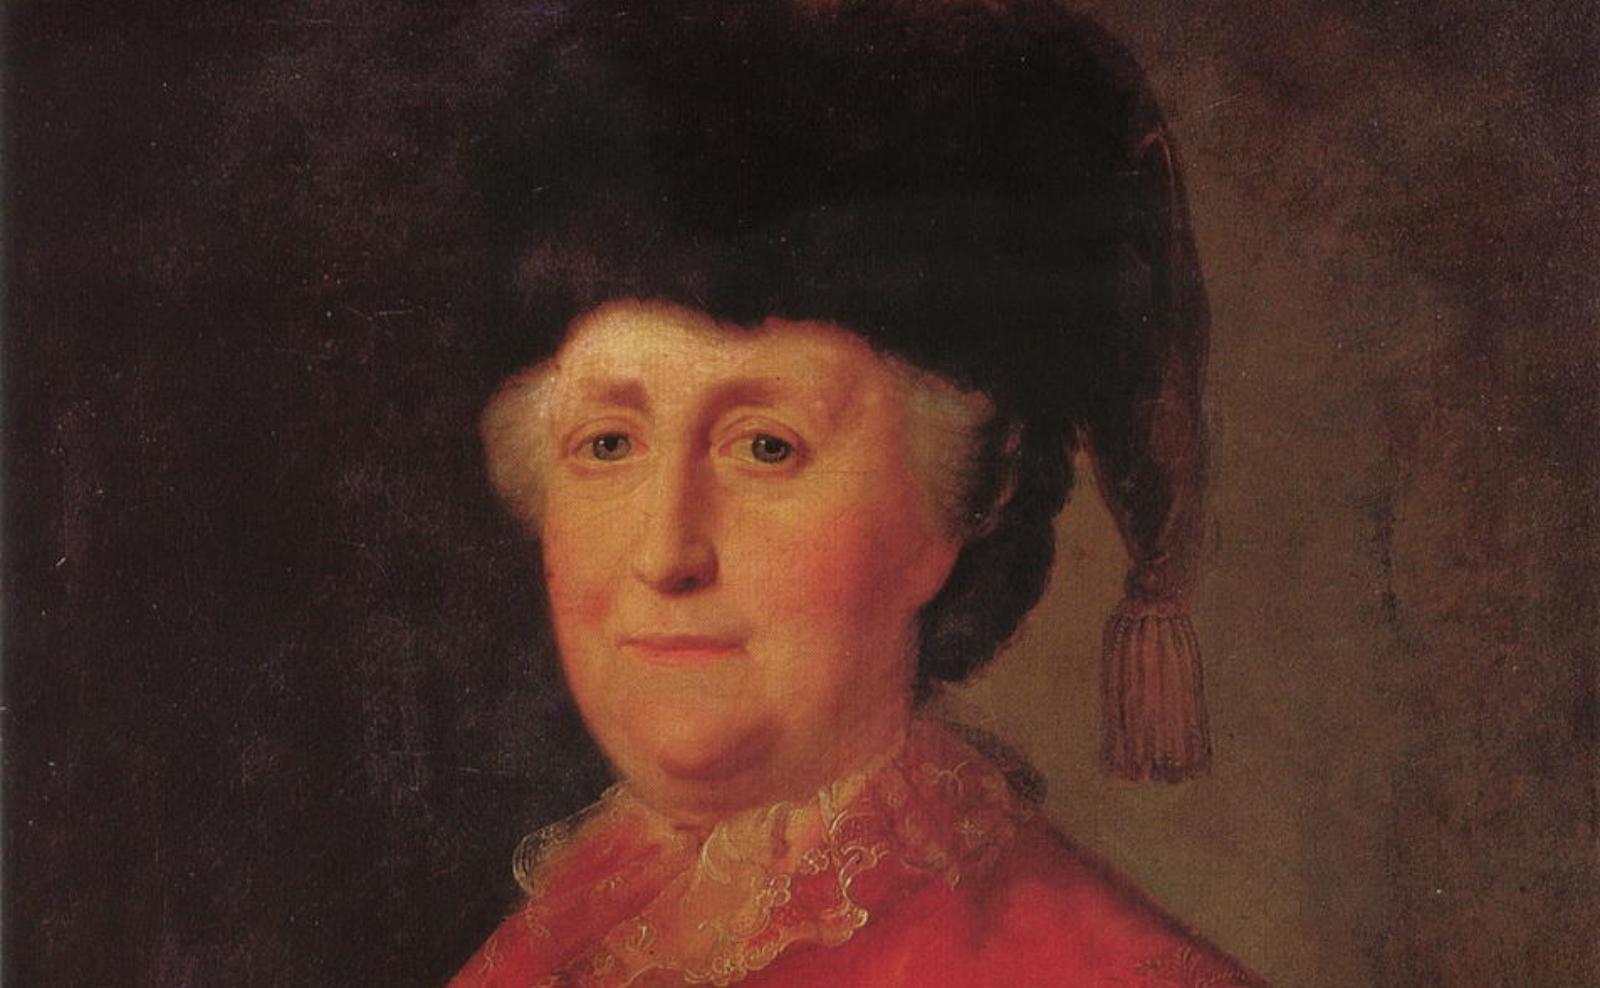 Портрет императрицы Екатерины II в дорожном костюме. Михаил Шибанов, 1787 год.